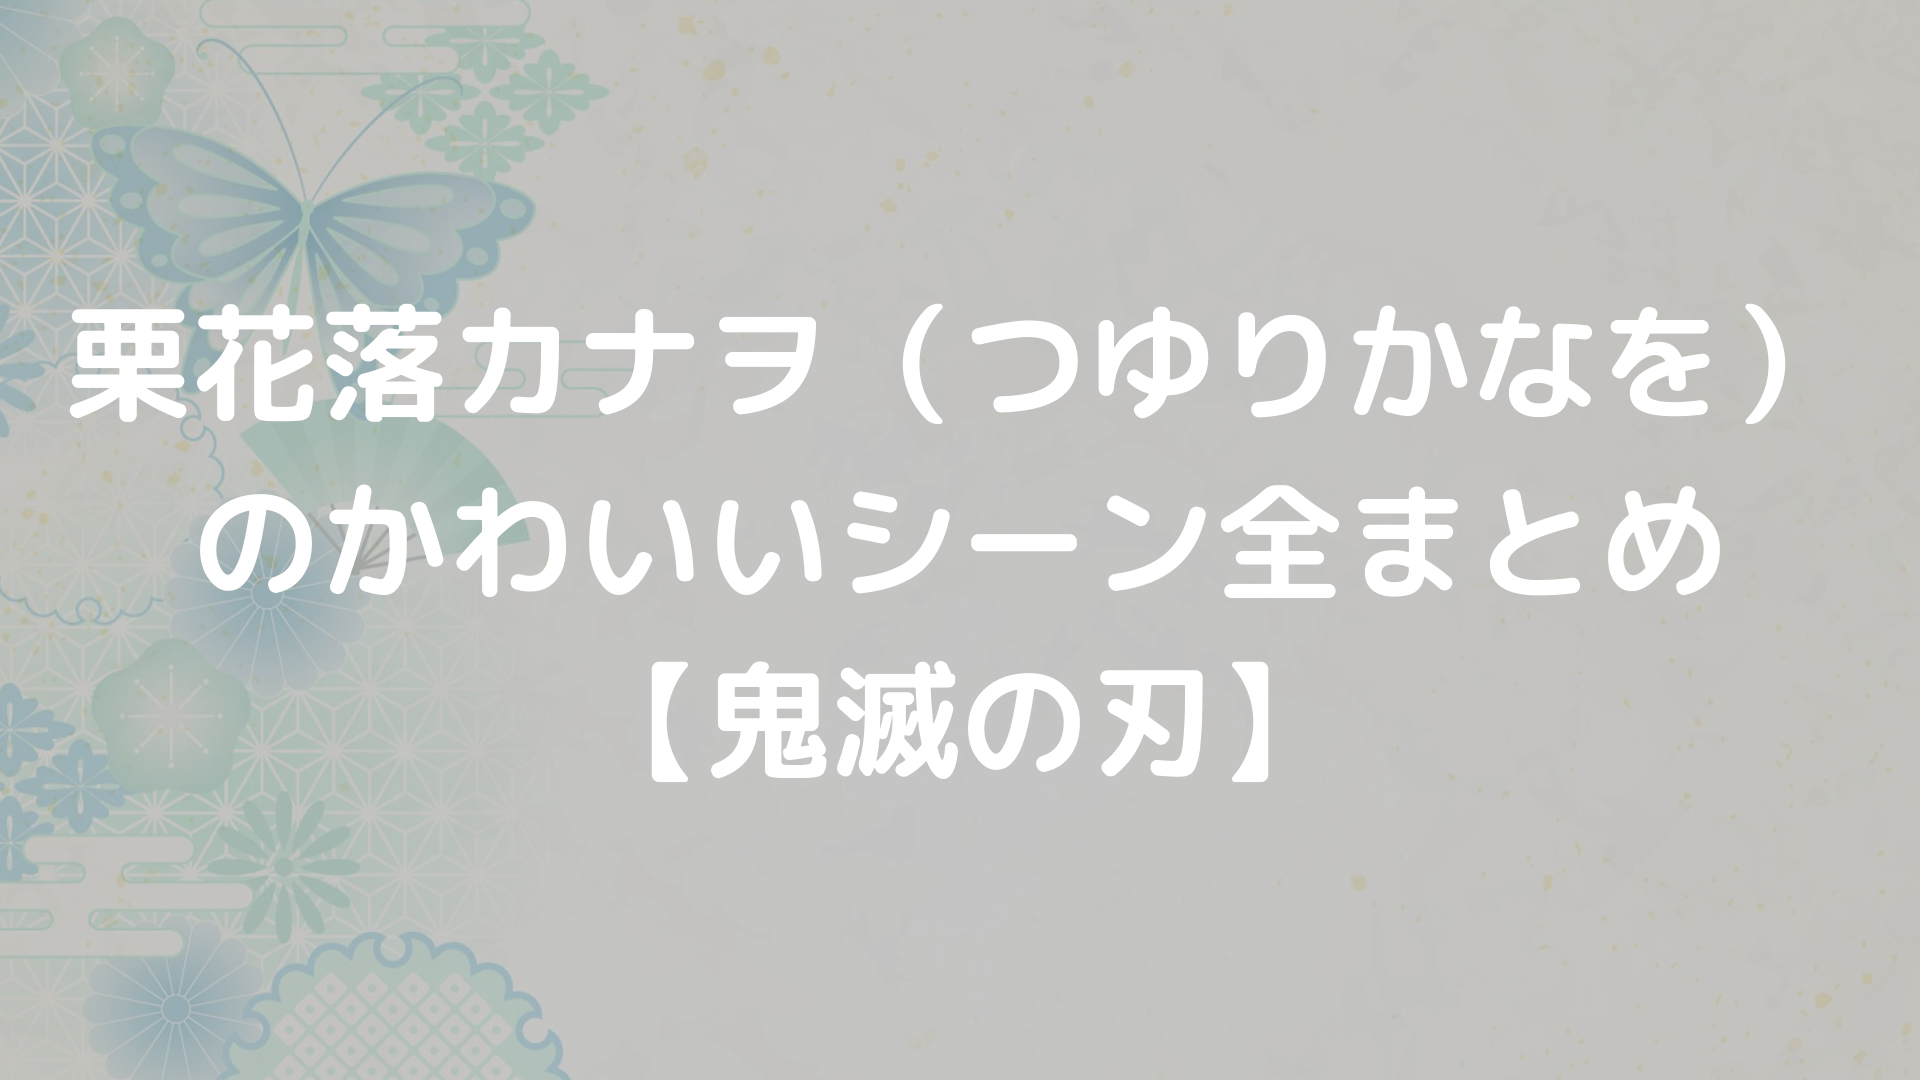 栗花落カナヲ(つゆりかなを)のかわいいシーン全まとめのアイキャッチ画像